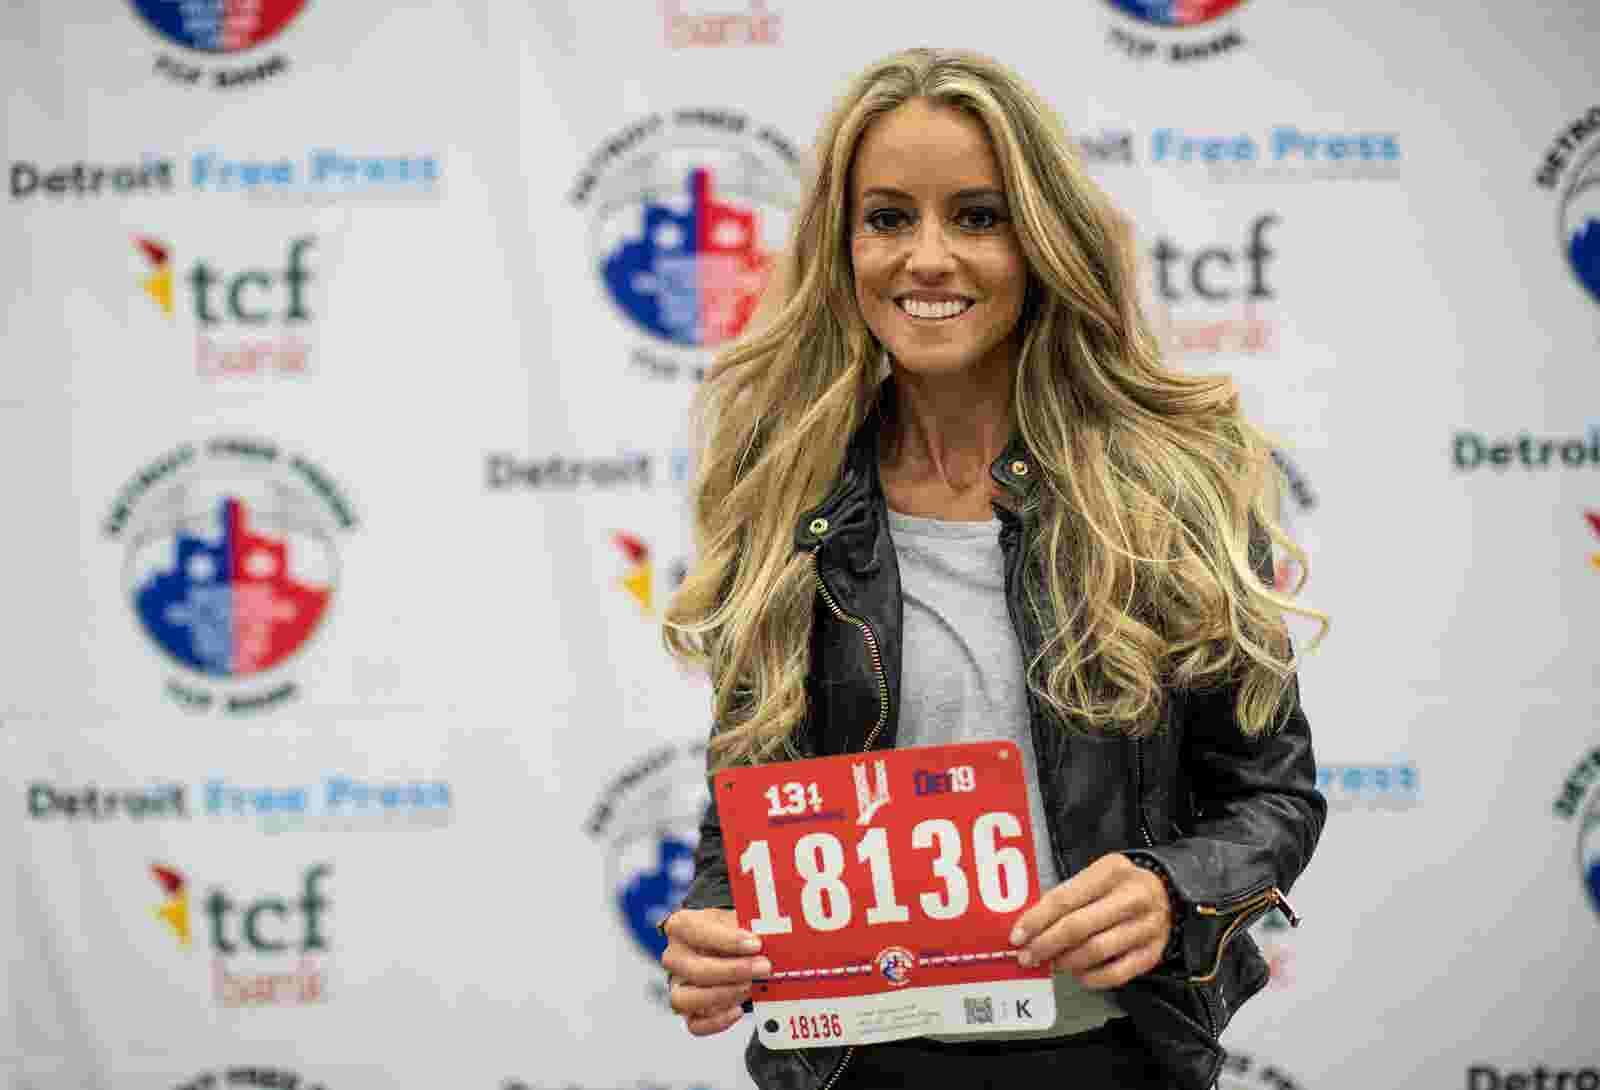 HGTV's Nicole Curtis talks return to Detroit for weekend's marathon